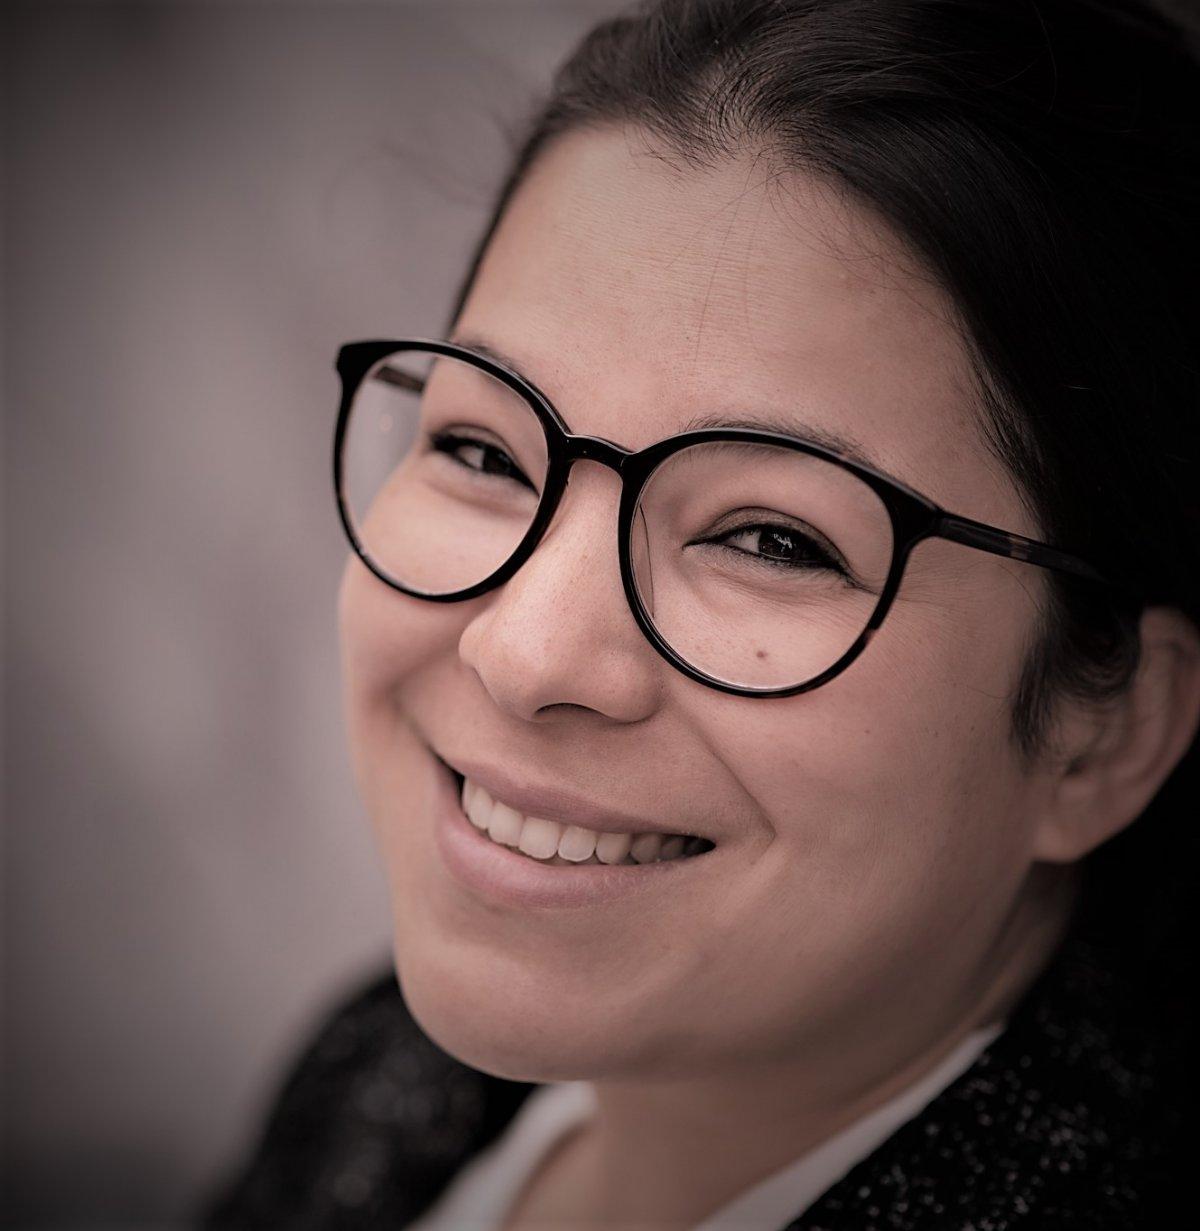 Auf dem Foto lächelt Veronika Krugel aus Katzenelnbogen schräg nach oben in die Kamera. Sie hat dunkle Haare und trägt eine schwarze runde Brille.